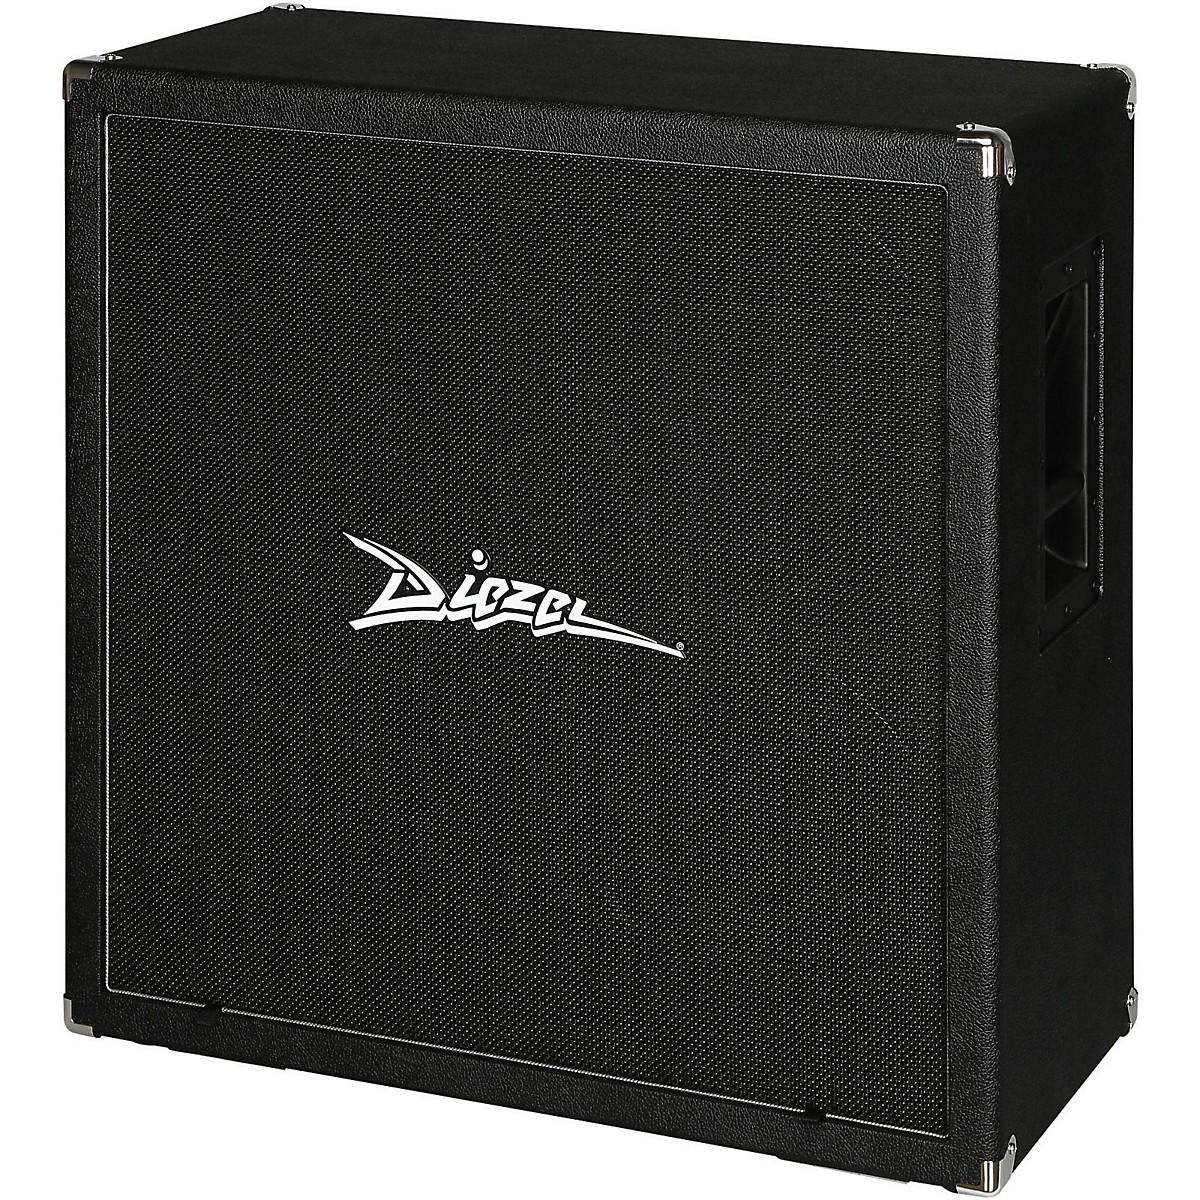 Diezel 412FK 400W 4x12 Front-Loaded Guitar Speaker Cabinet